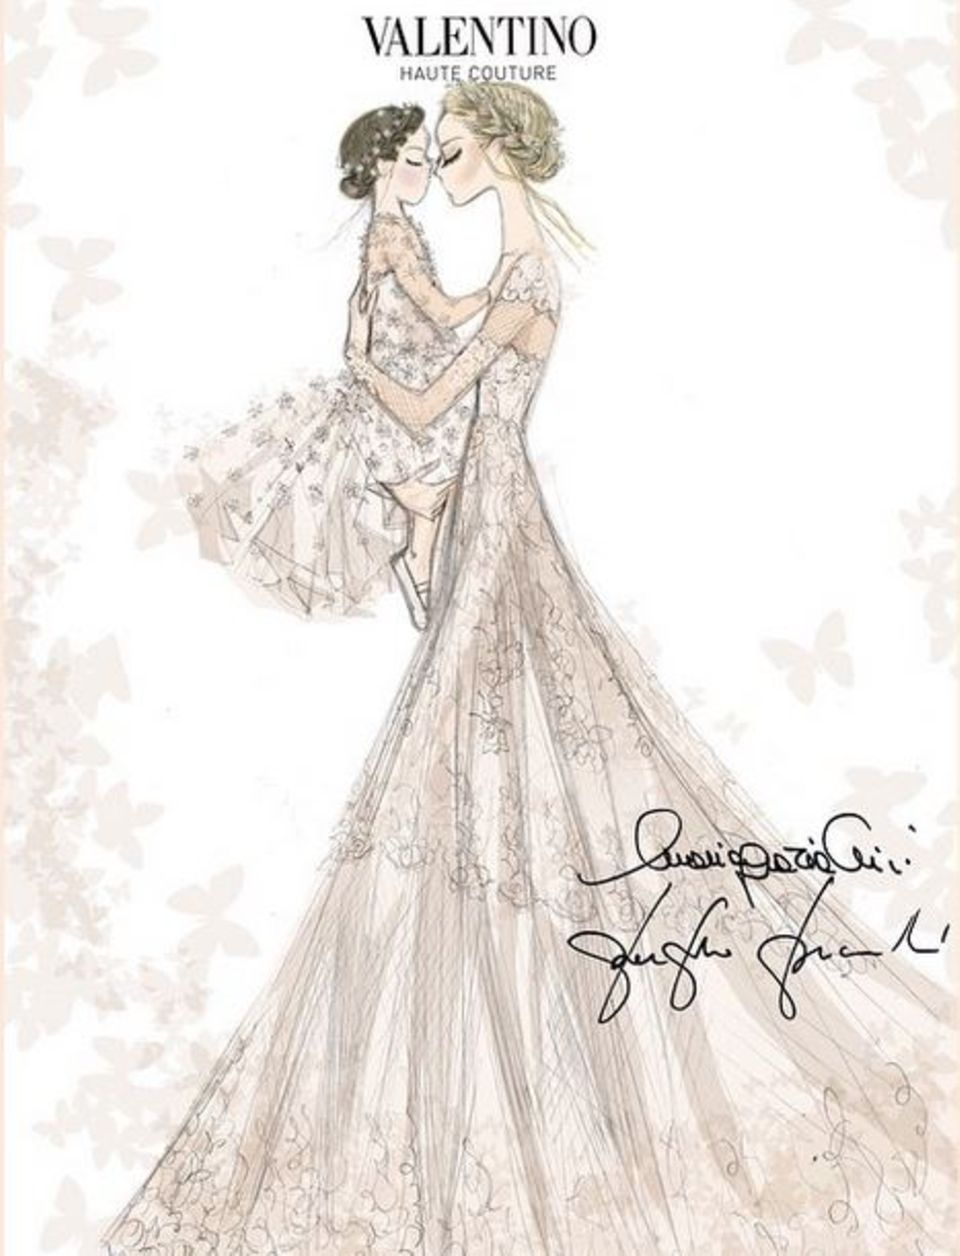 Der Entwurf des Brautkleides für Frida Giannini und ihre kleine Tochter Greta wurde vom Valentino-Designduo Maria Grazia Chiuri und Pierpaolo Piccioli angefertigt. Die beiden Modedesigner waren auch als Gäste der Hochzeit geladen.